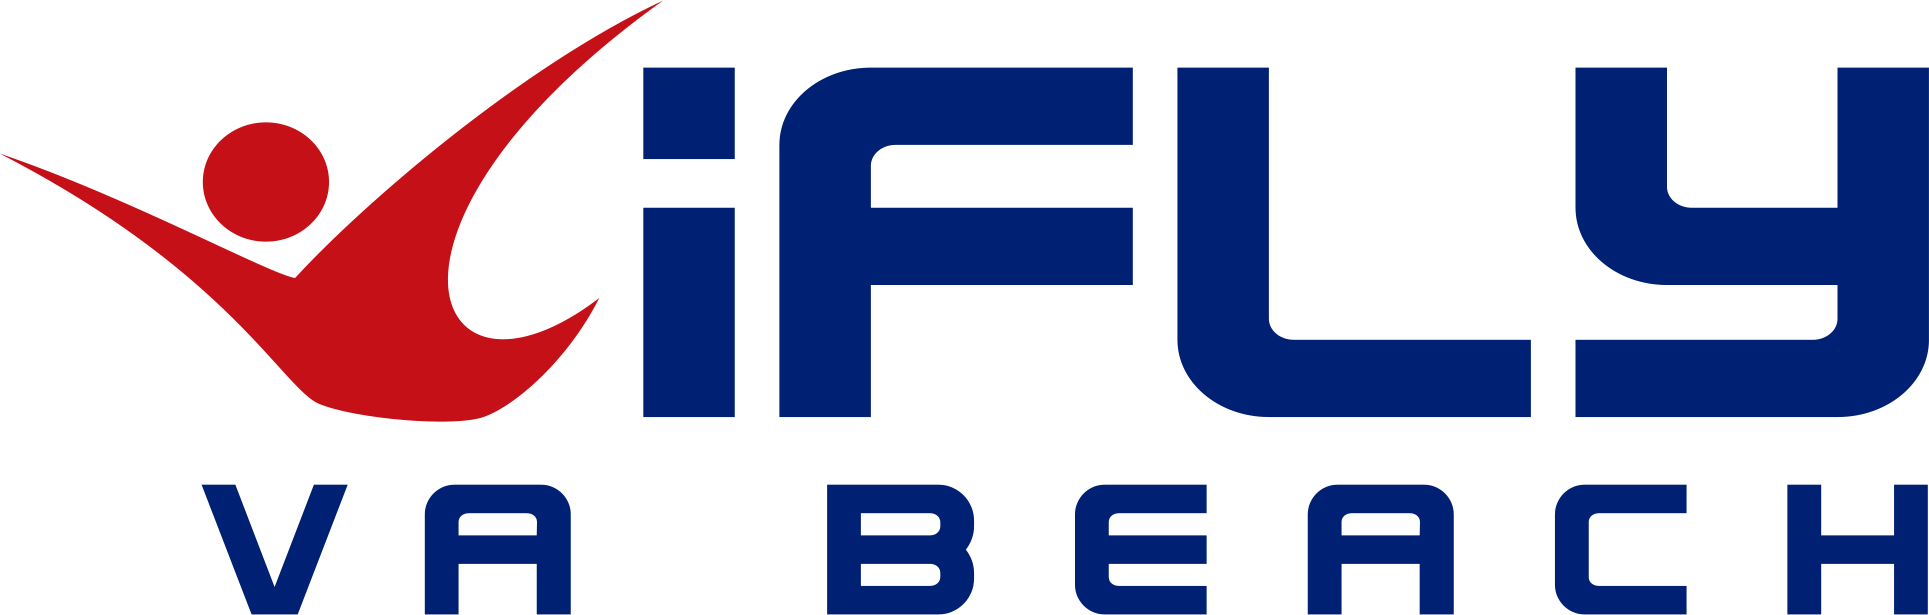 logo01_transparent_300dpi